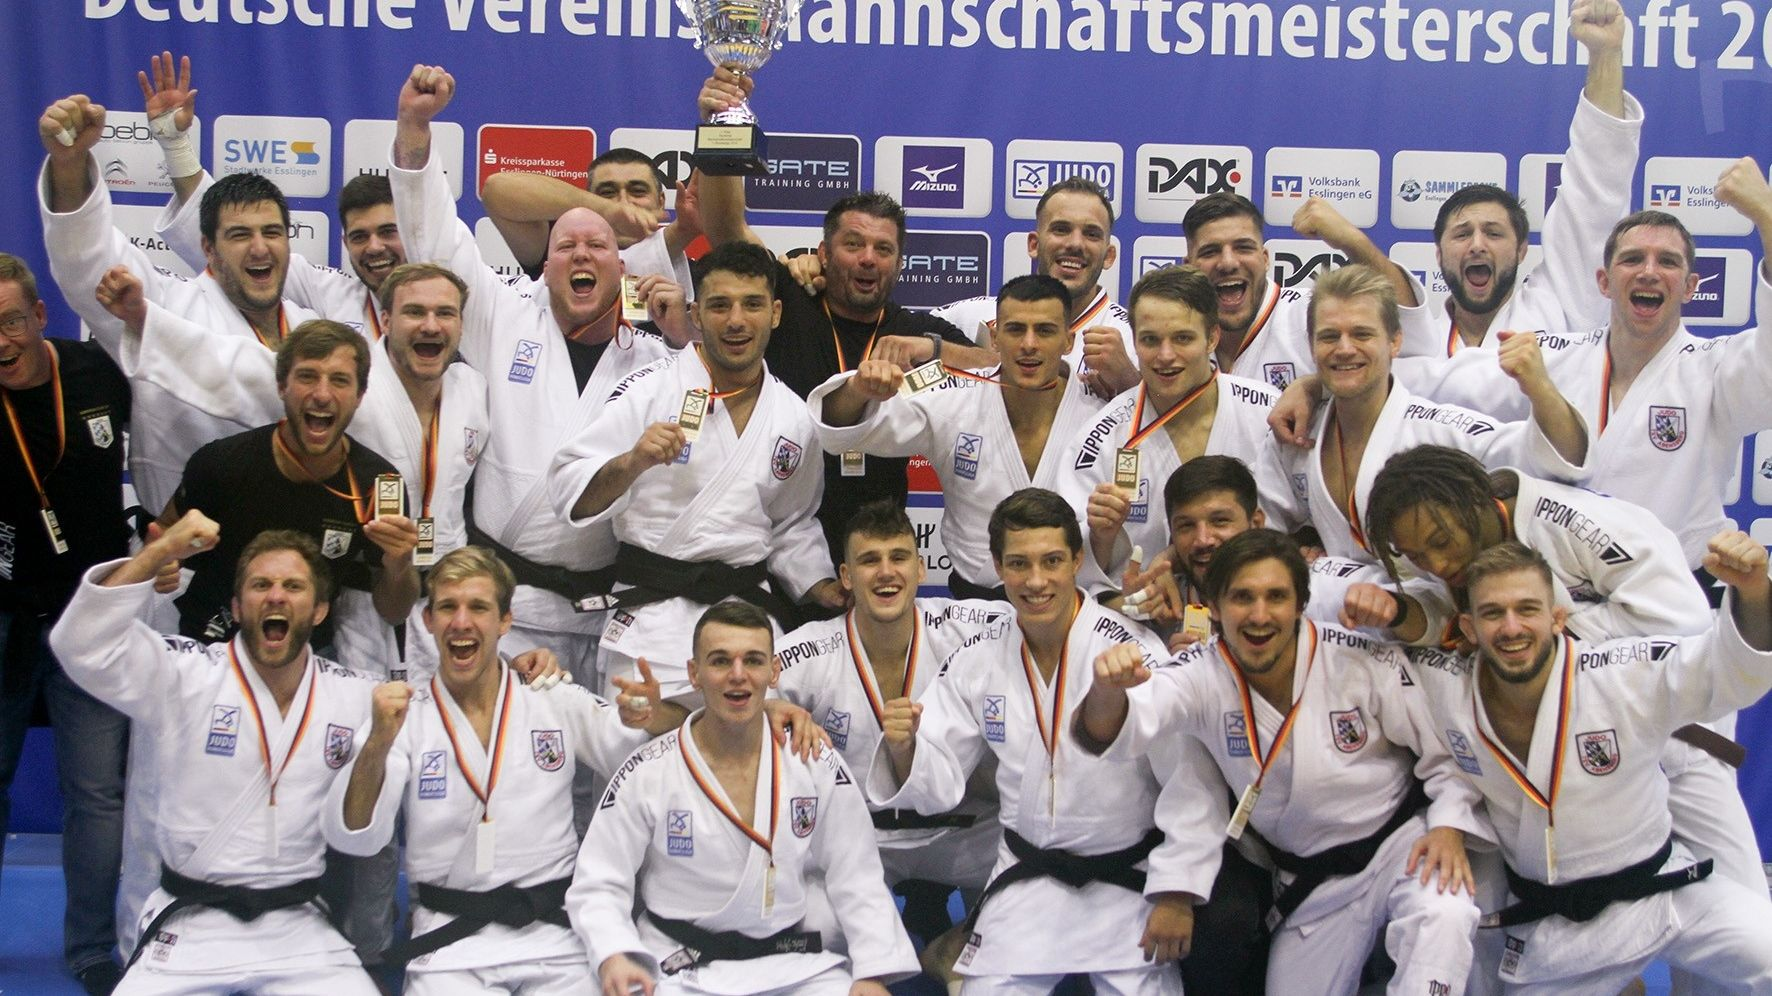 Die siegreichen Abensberger Judoka feiern ihren Erfolg